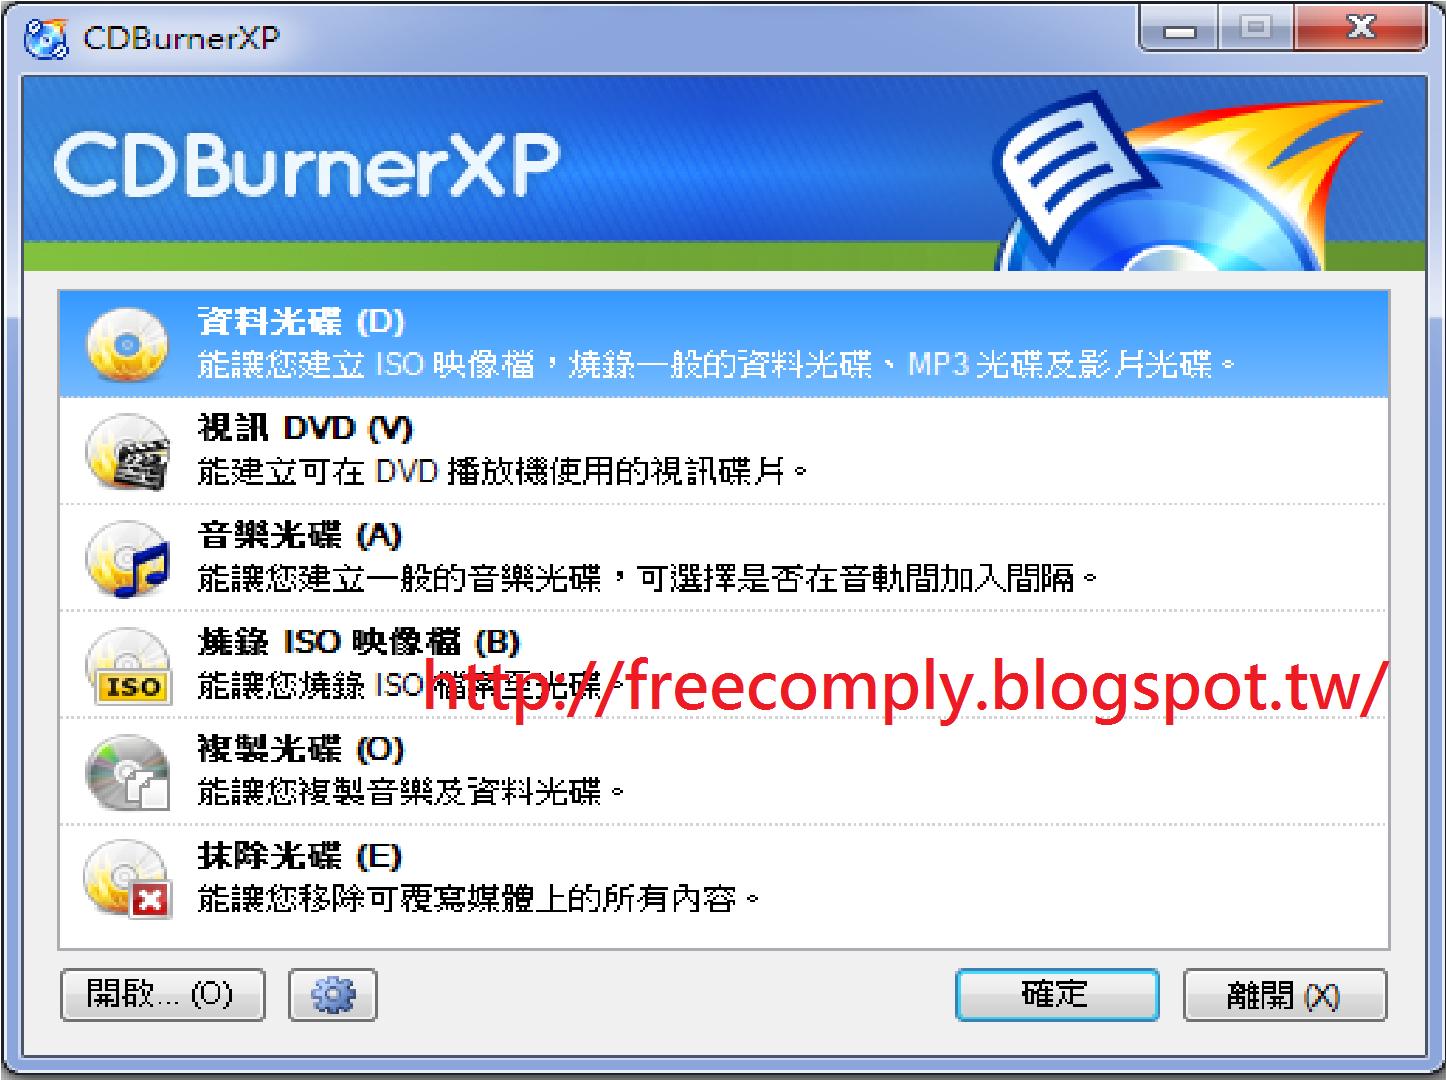 免費軟體資訊: CDBurnerXP 光碟製作軟體 中文免安裝